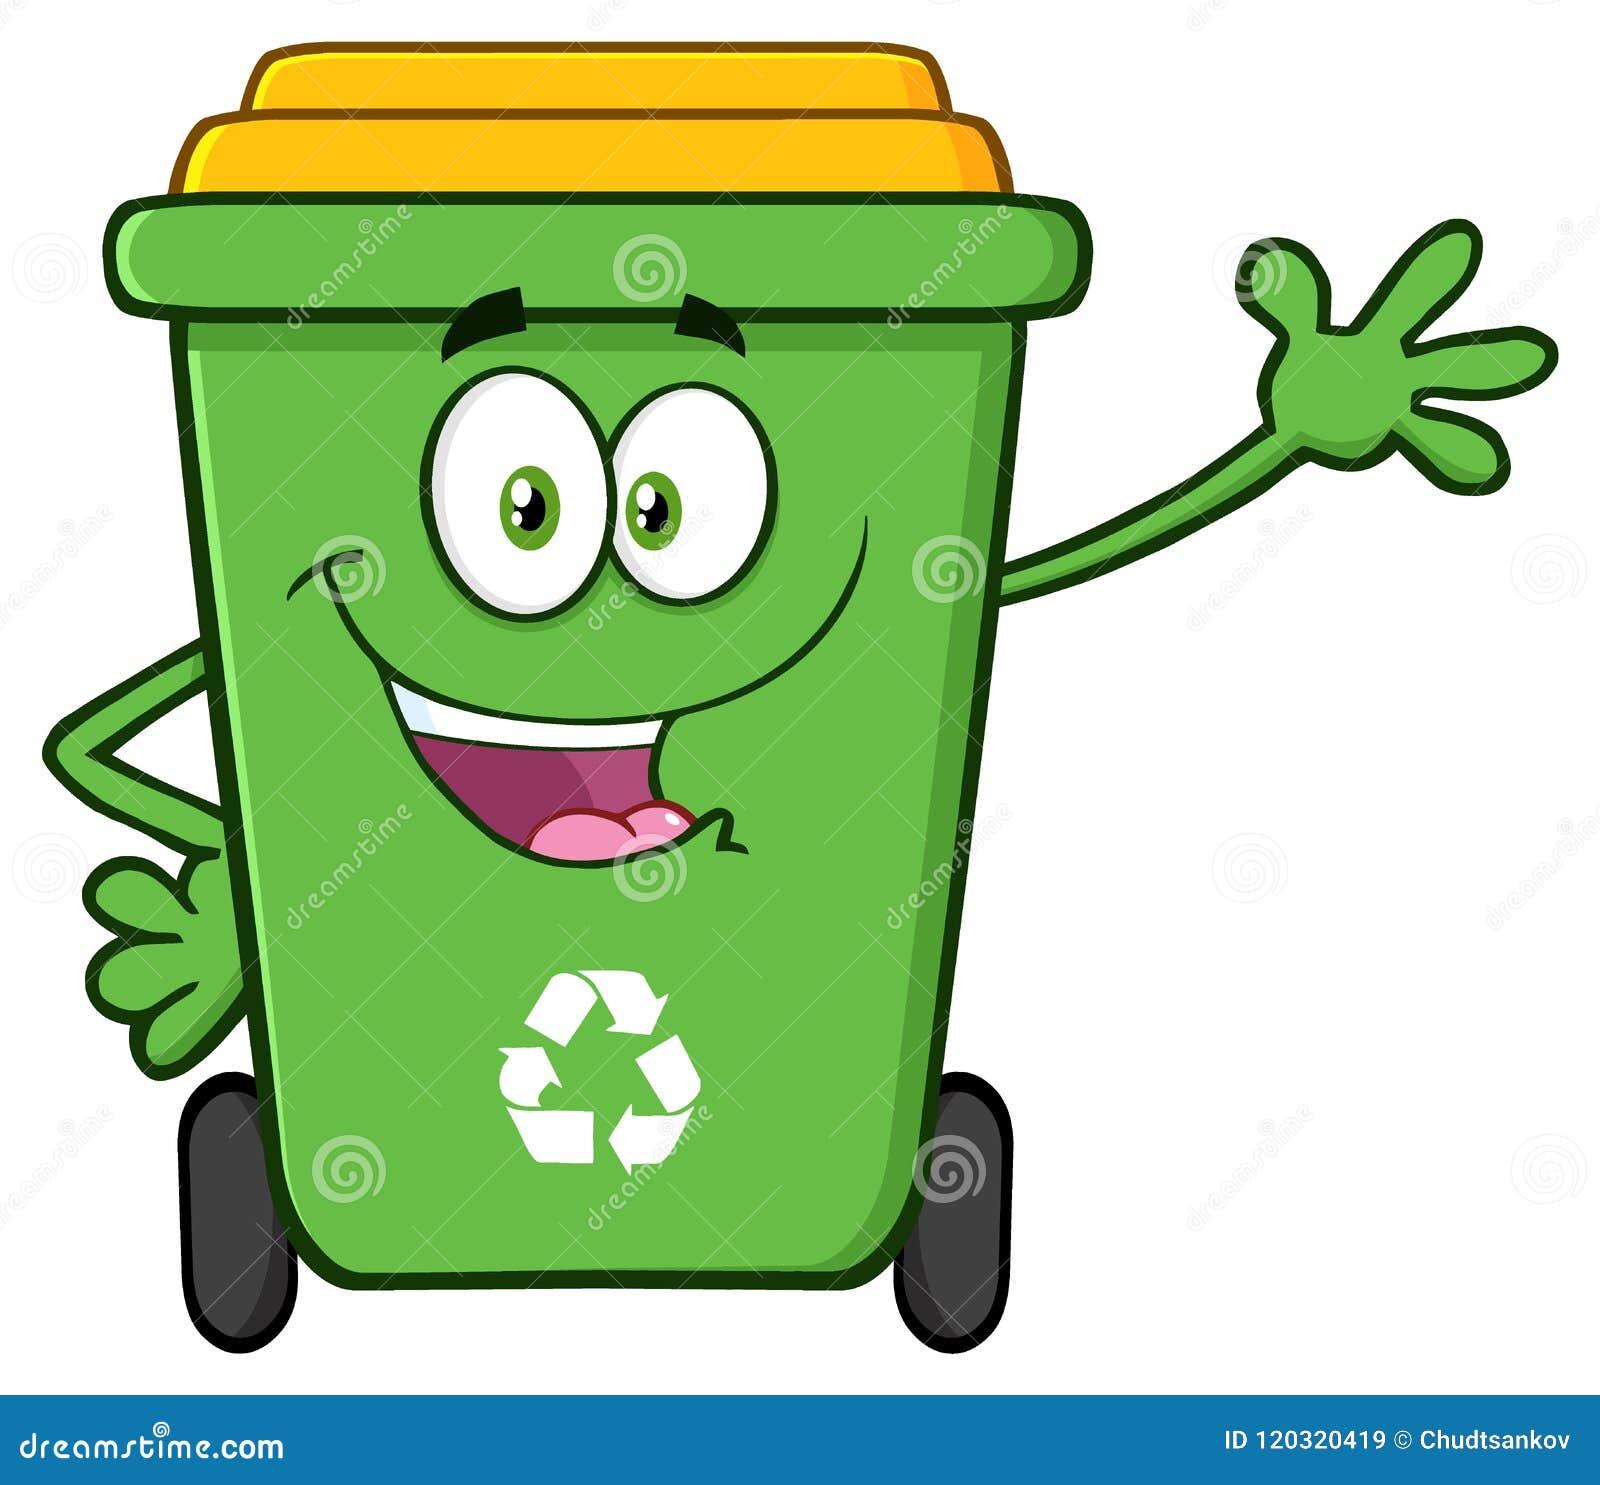 Ευτυχής πράσινος ανακύκλωσης χαρακτήρας μασκότ κινούμενων σχεδίων δοχείων που κυματίζει για το χαιρετισμό